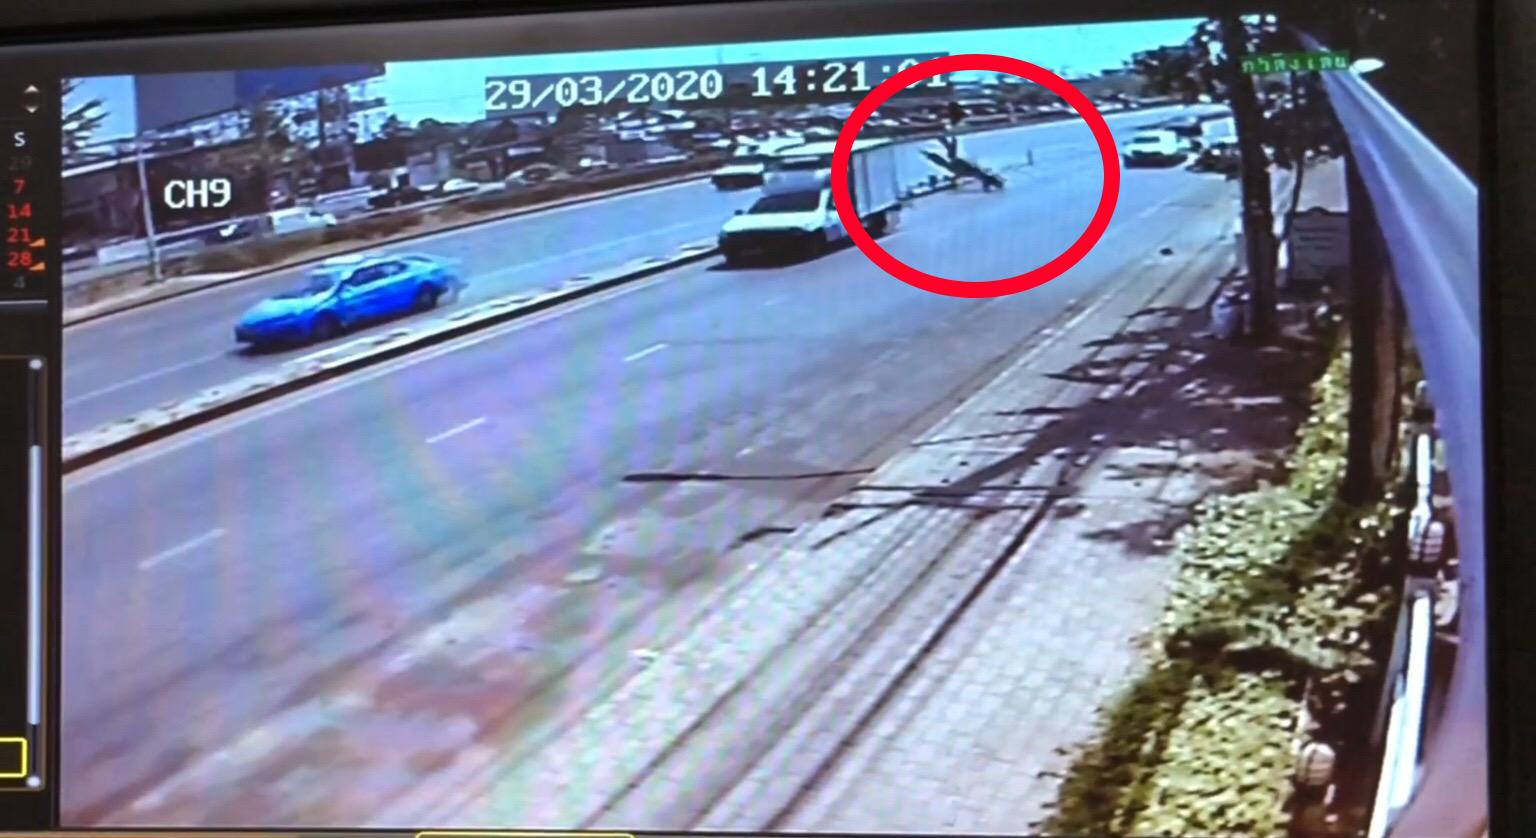 กล้องวงจรปิดจับภาพชัด จยย.เสียหลักพุ่งชนเกาะกลางผู้ขับขี่เสียชีวิต